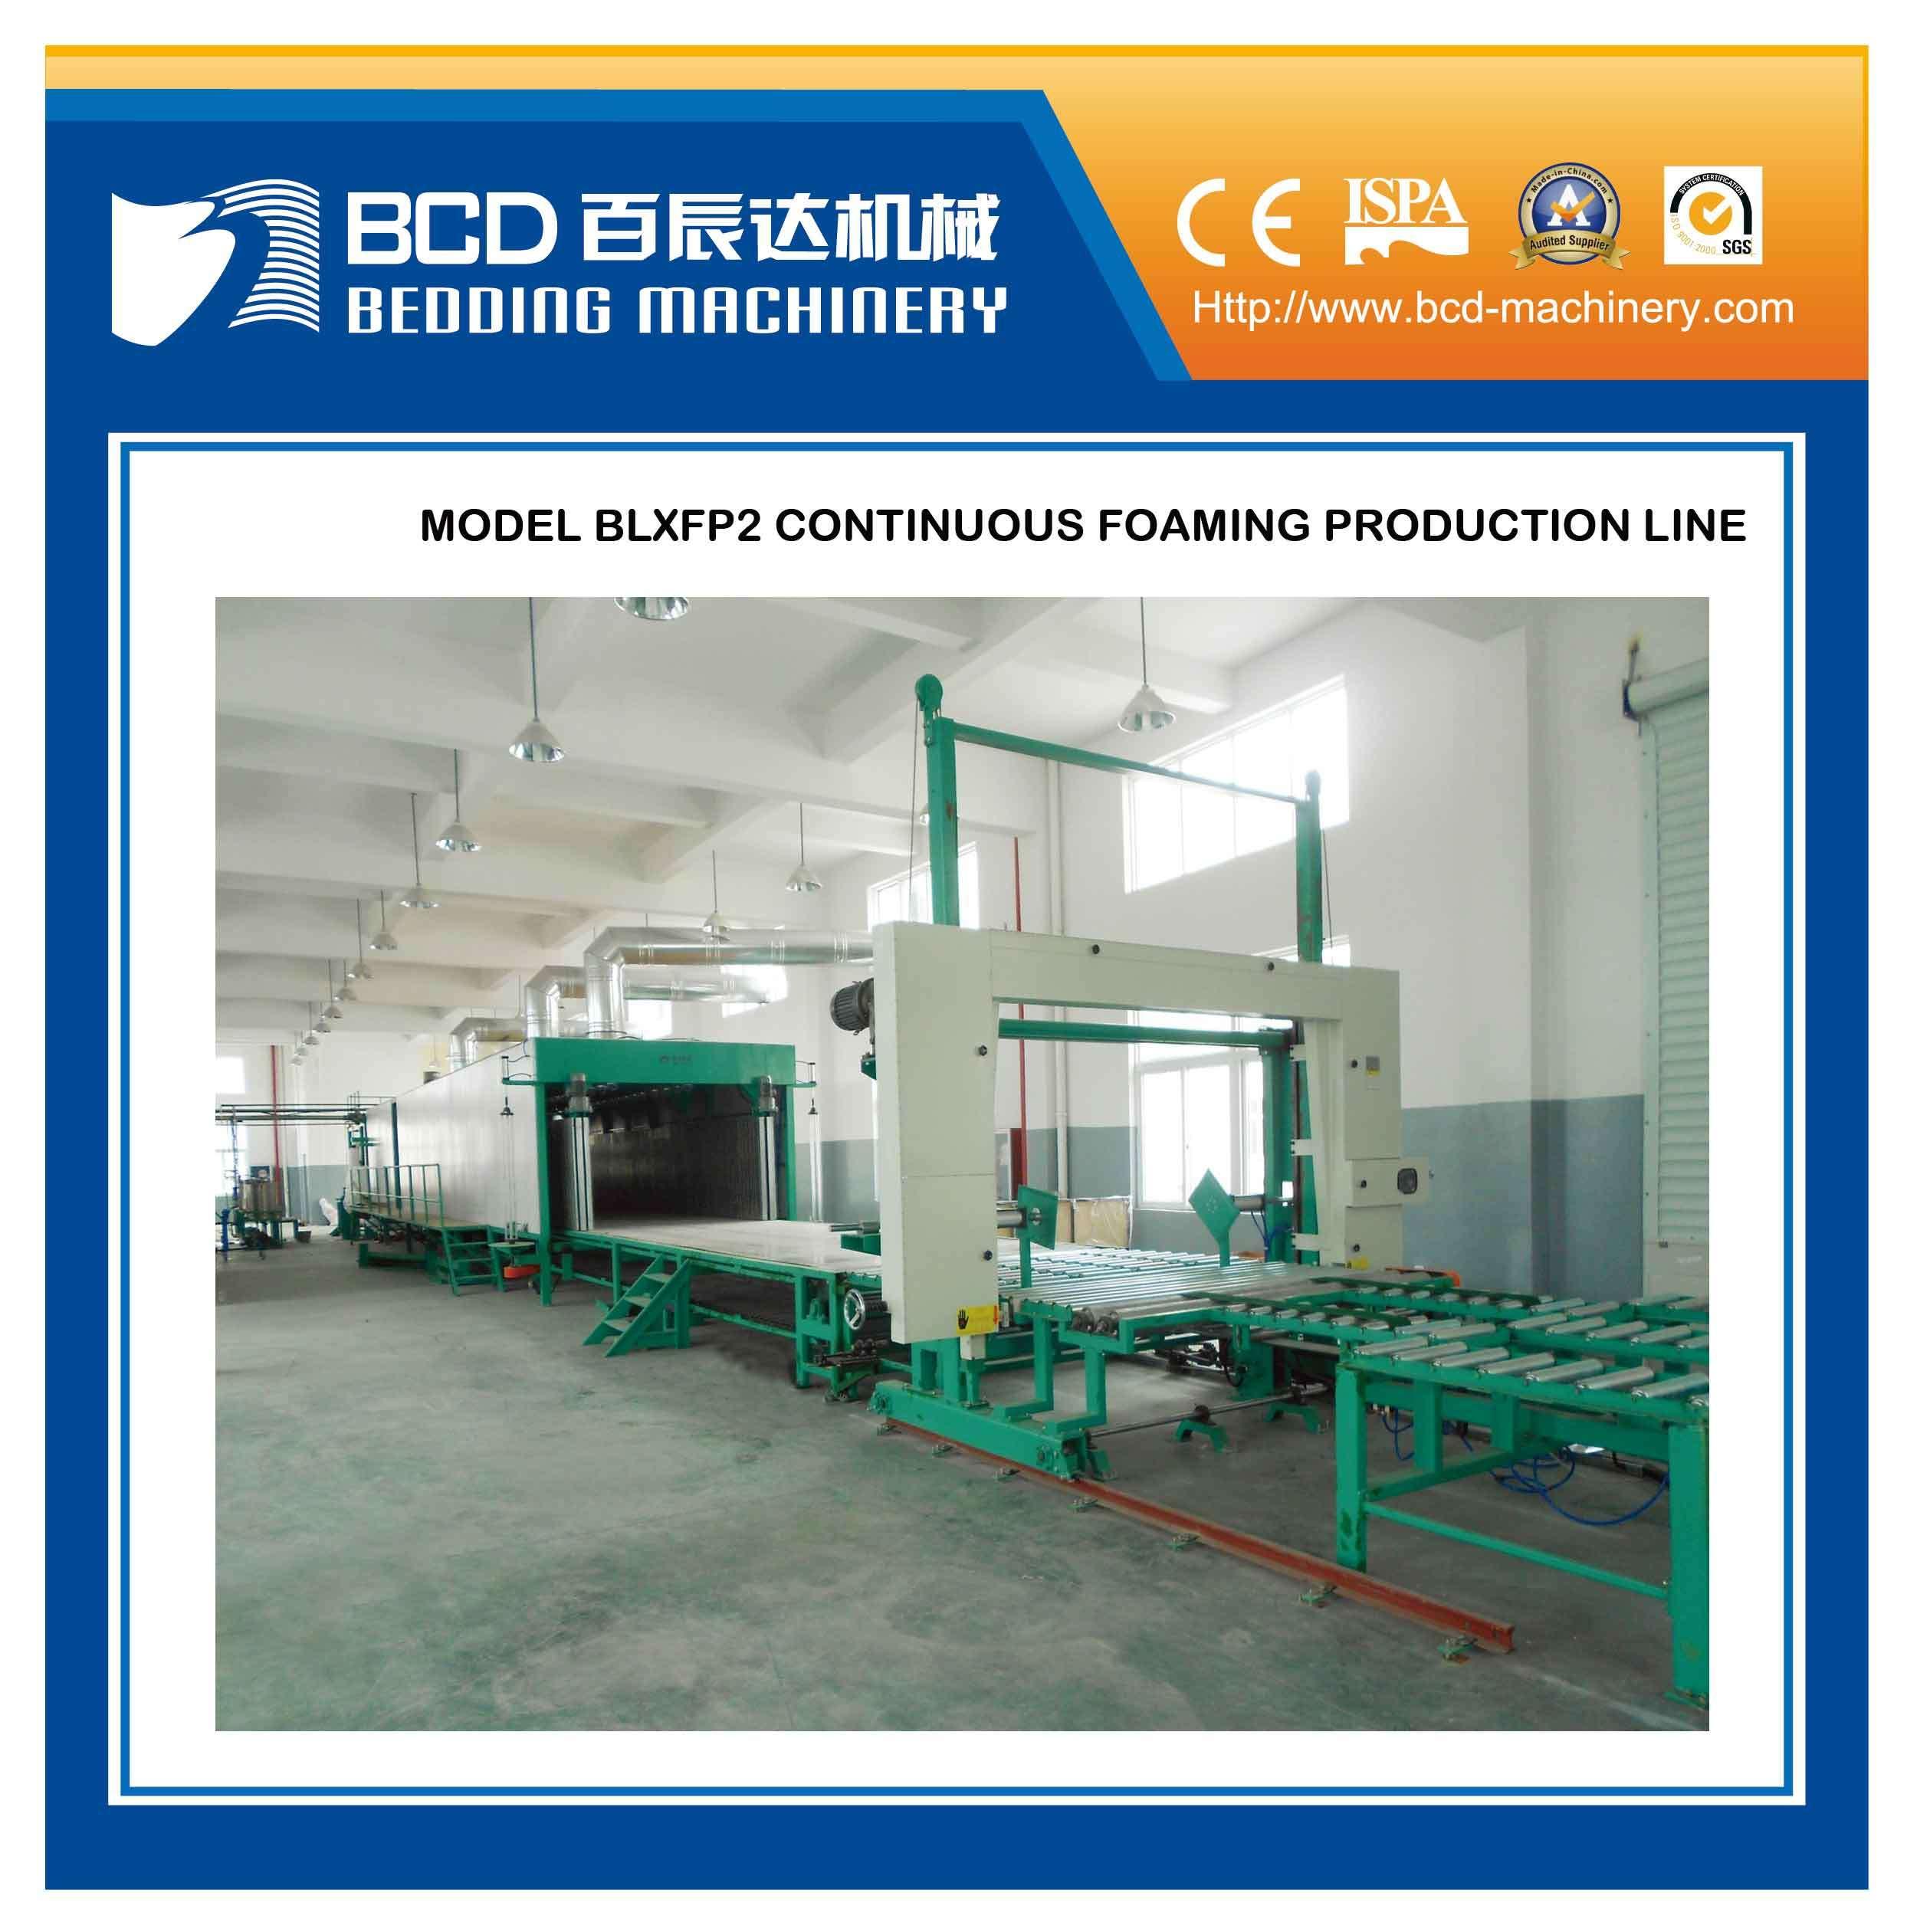 Continuous Foaming Production Line (BLXFP2)